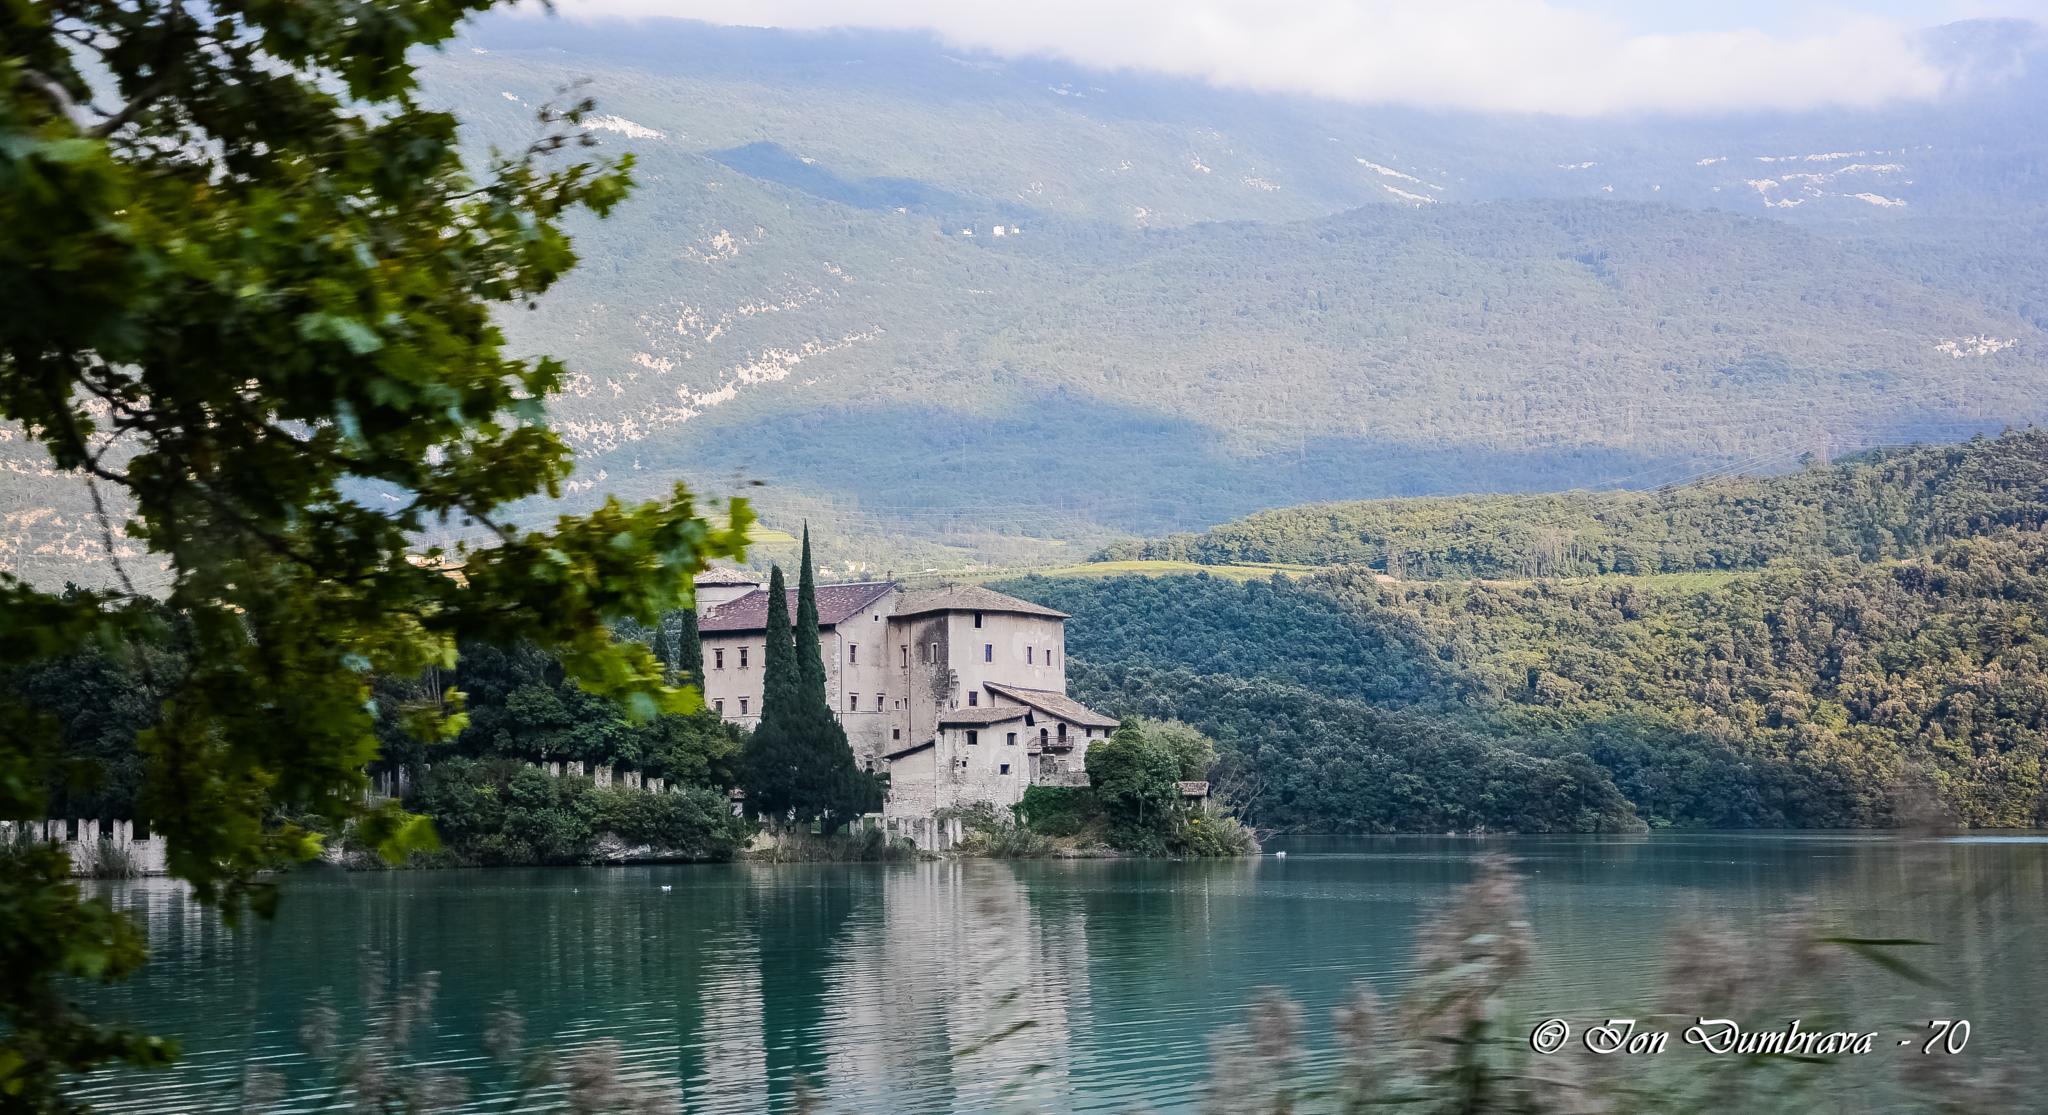 Castel Toblino by ION DUMBRAVA